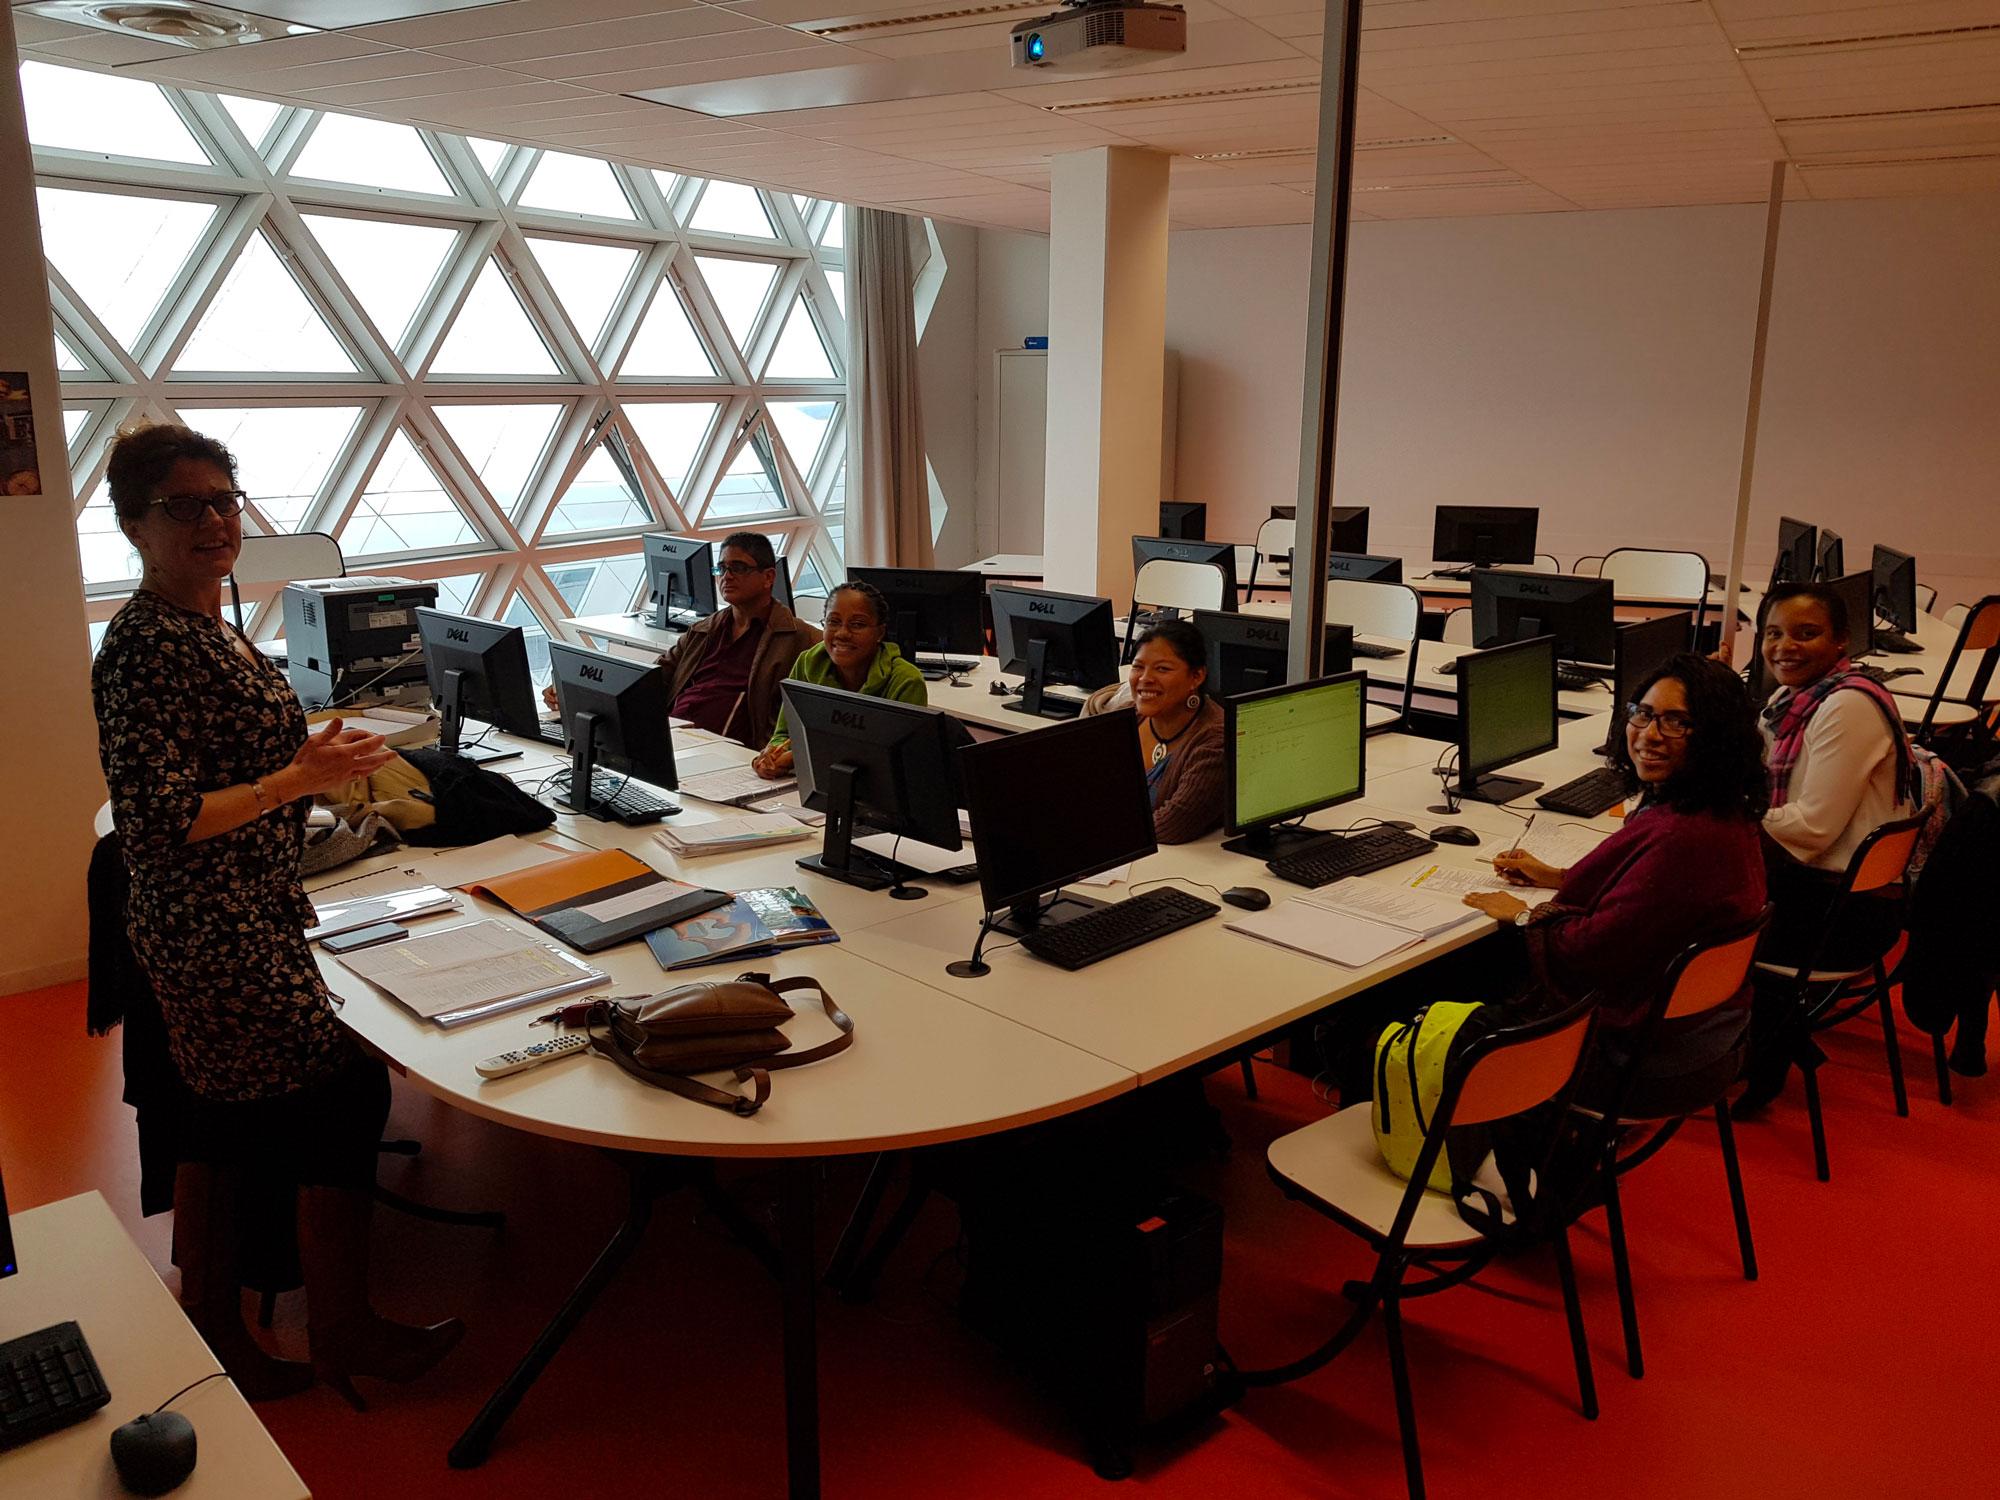 Salle de classe avec ordinateurs